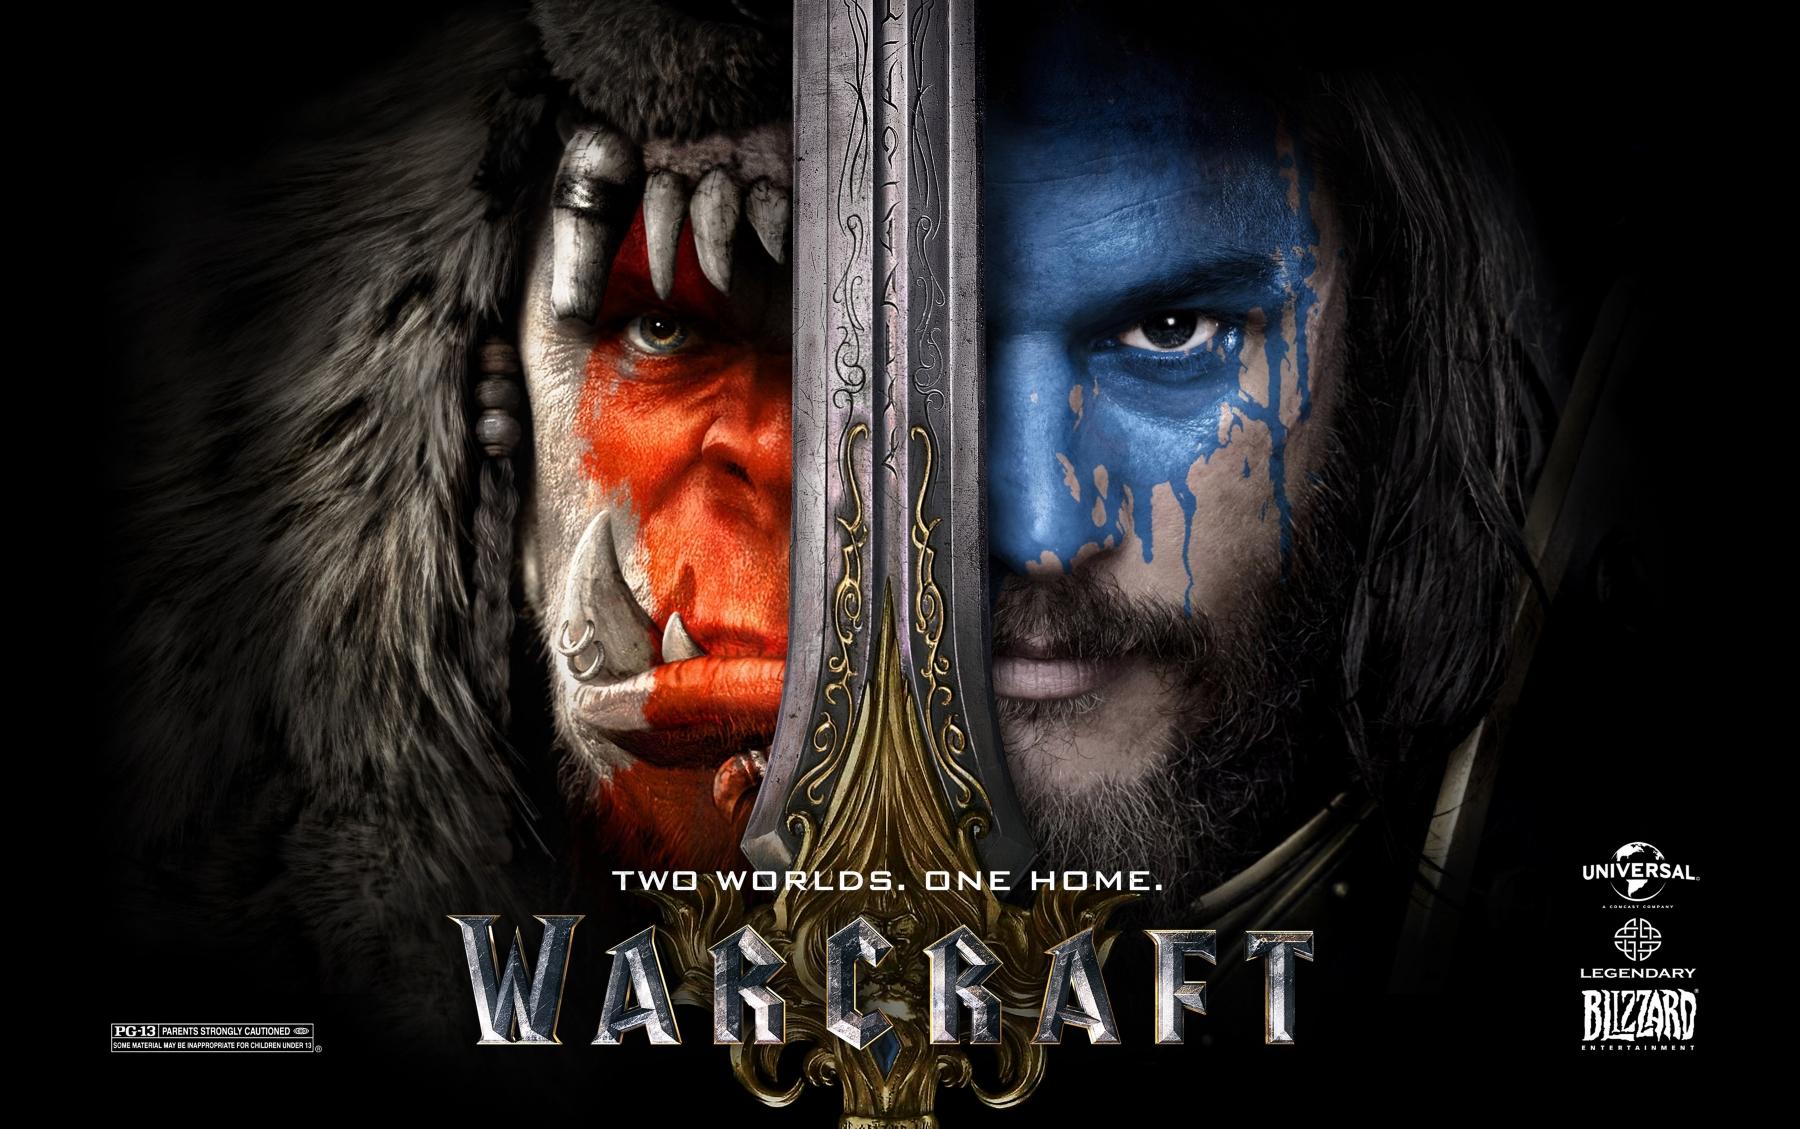 Warcraft Teaser Trailer